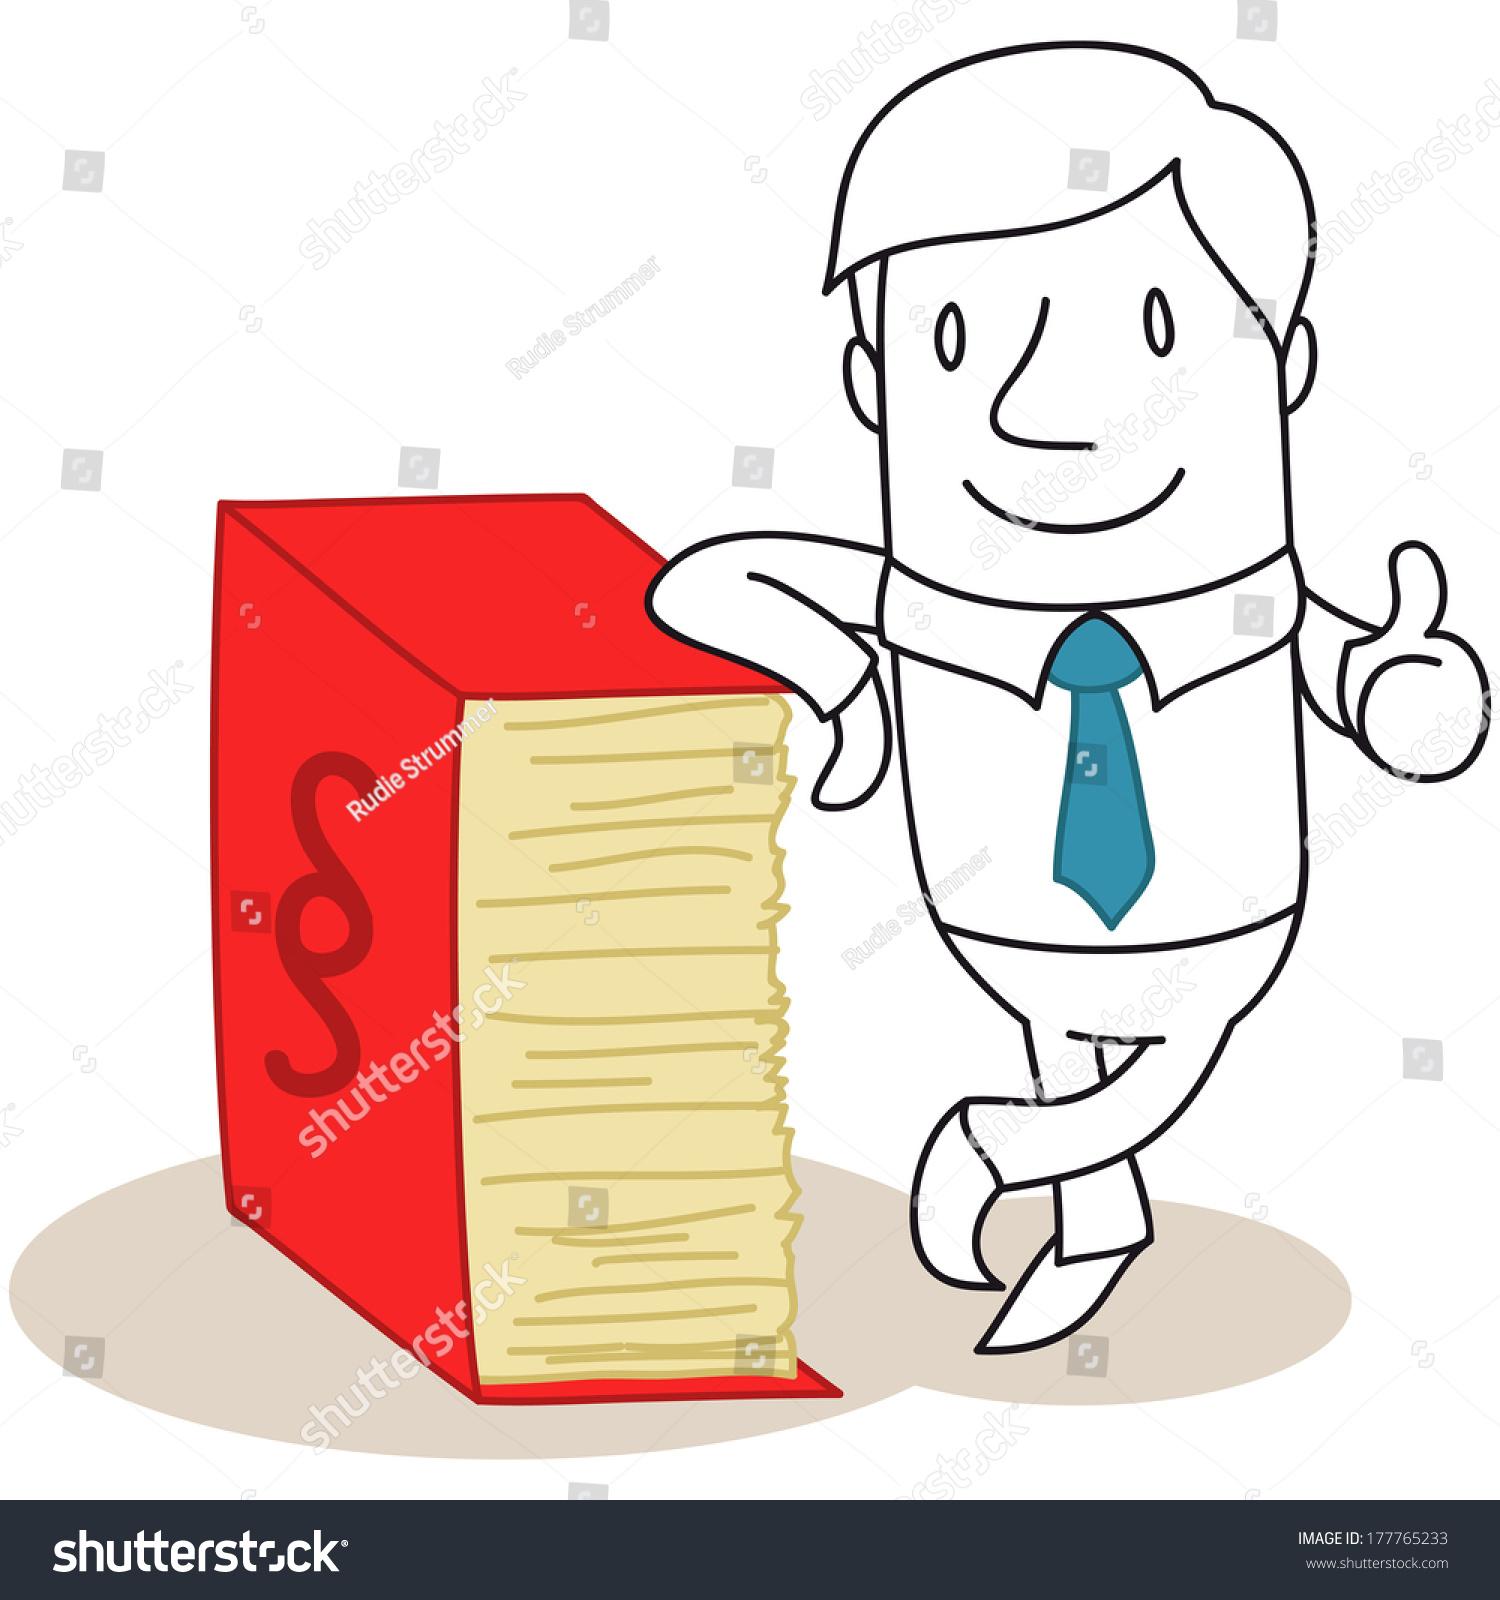 一个黑白卡通人物的插图:自信的律师,学习巨大的规约